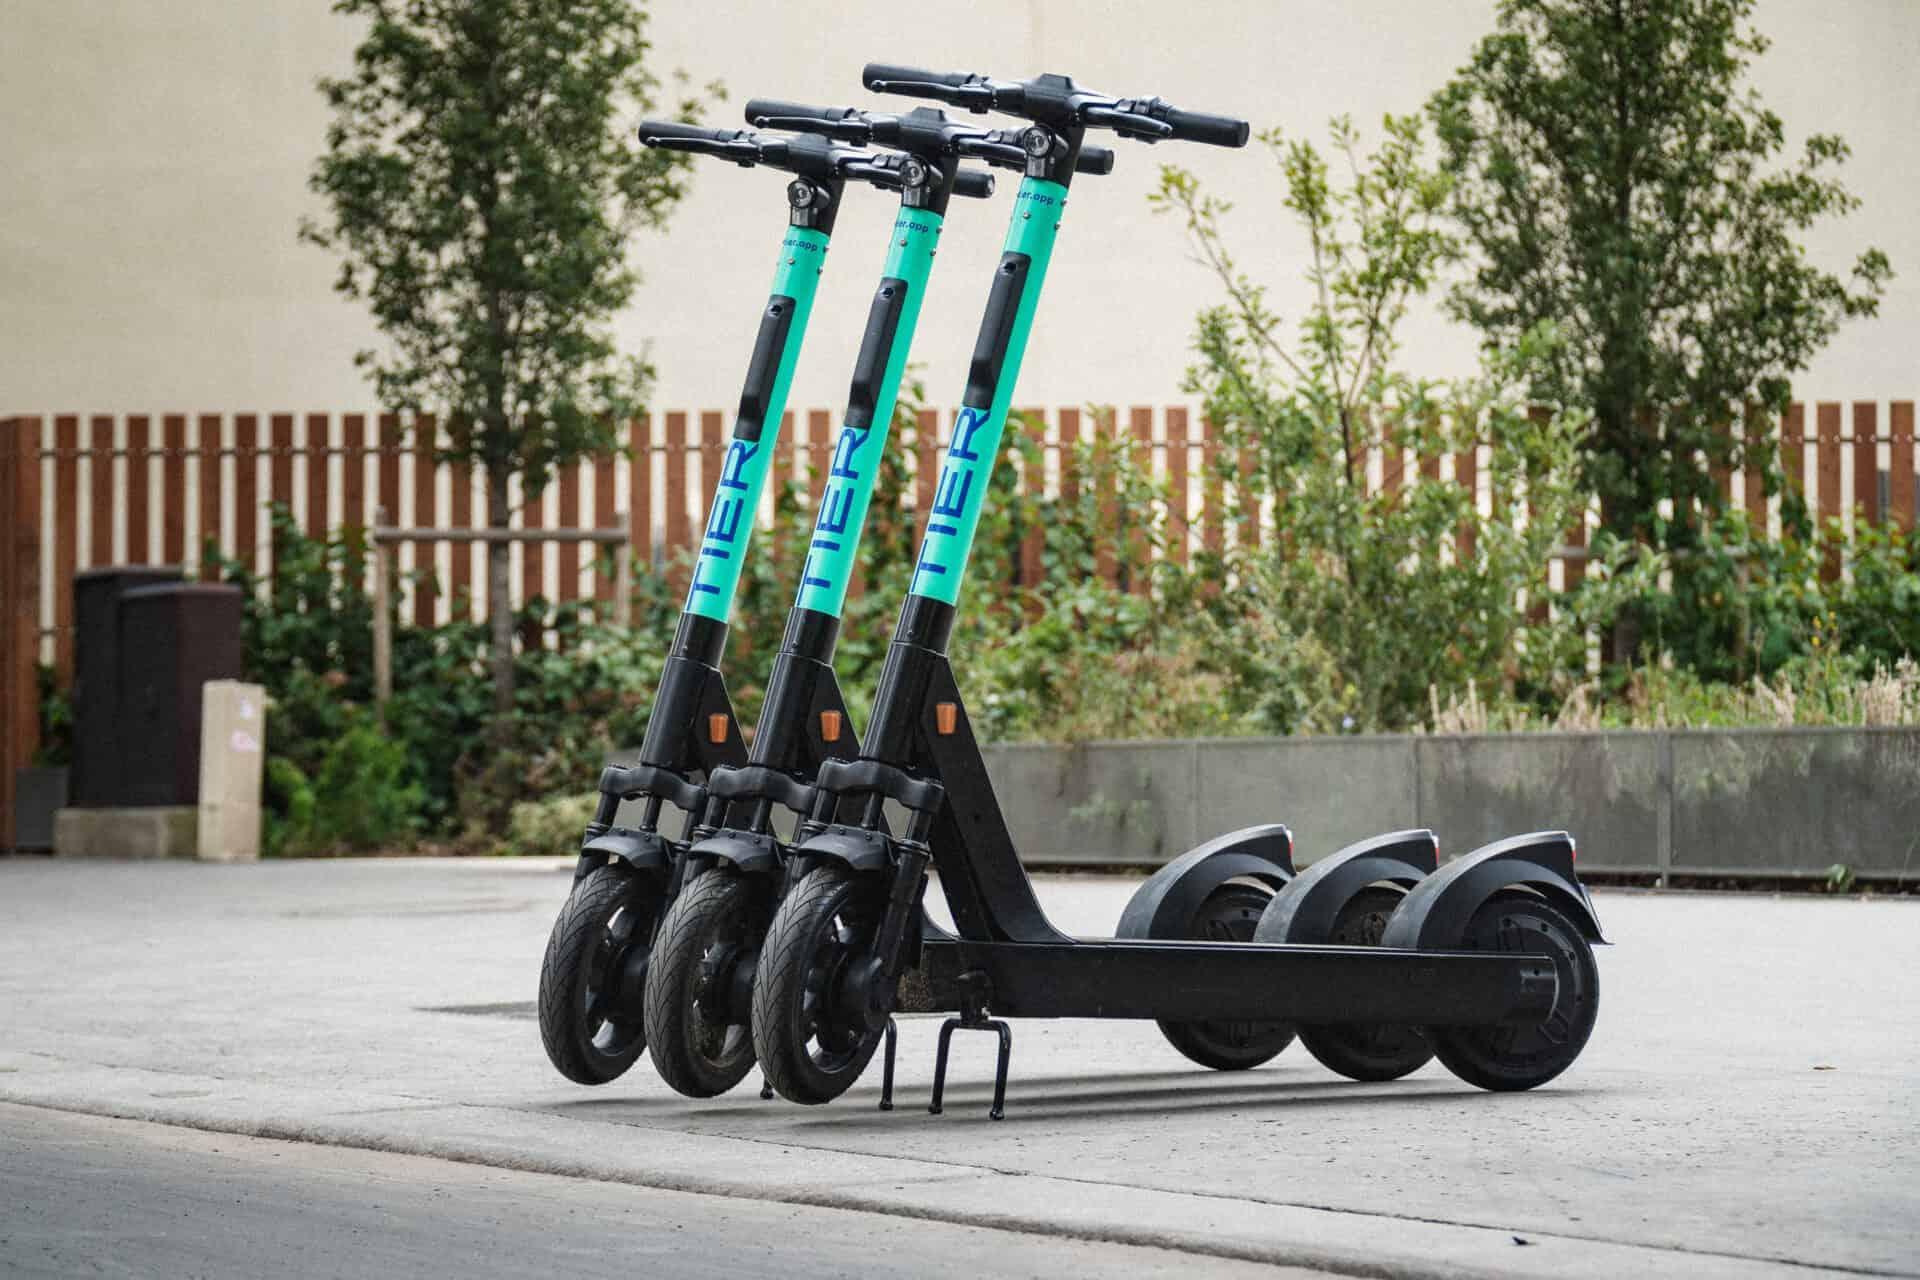 Tier Mobility stellt E-Scooter her, mit denen man durch die Stadt fahren kann